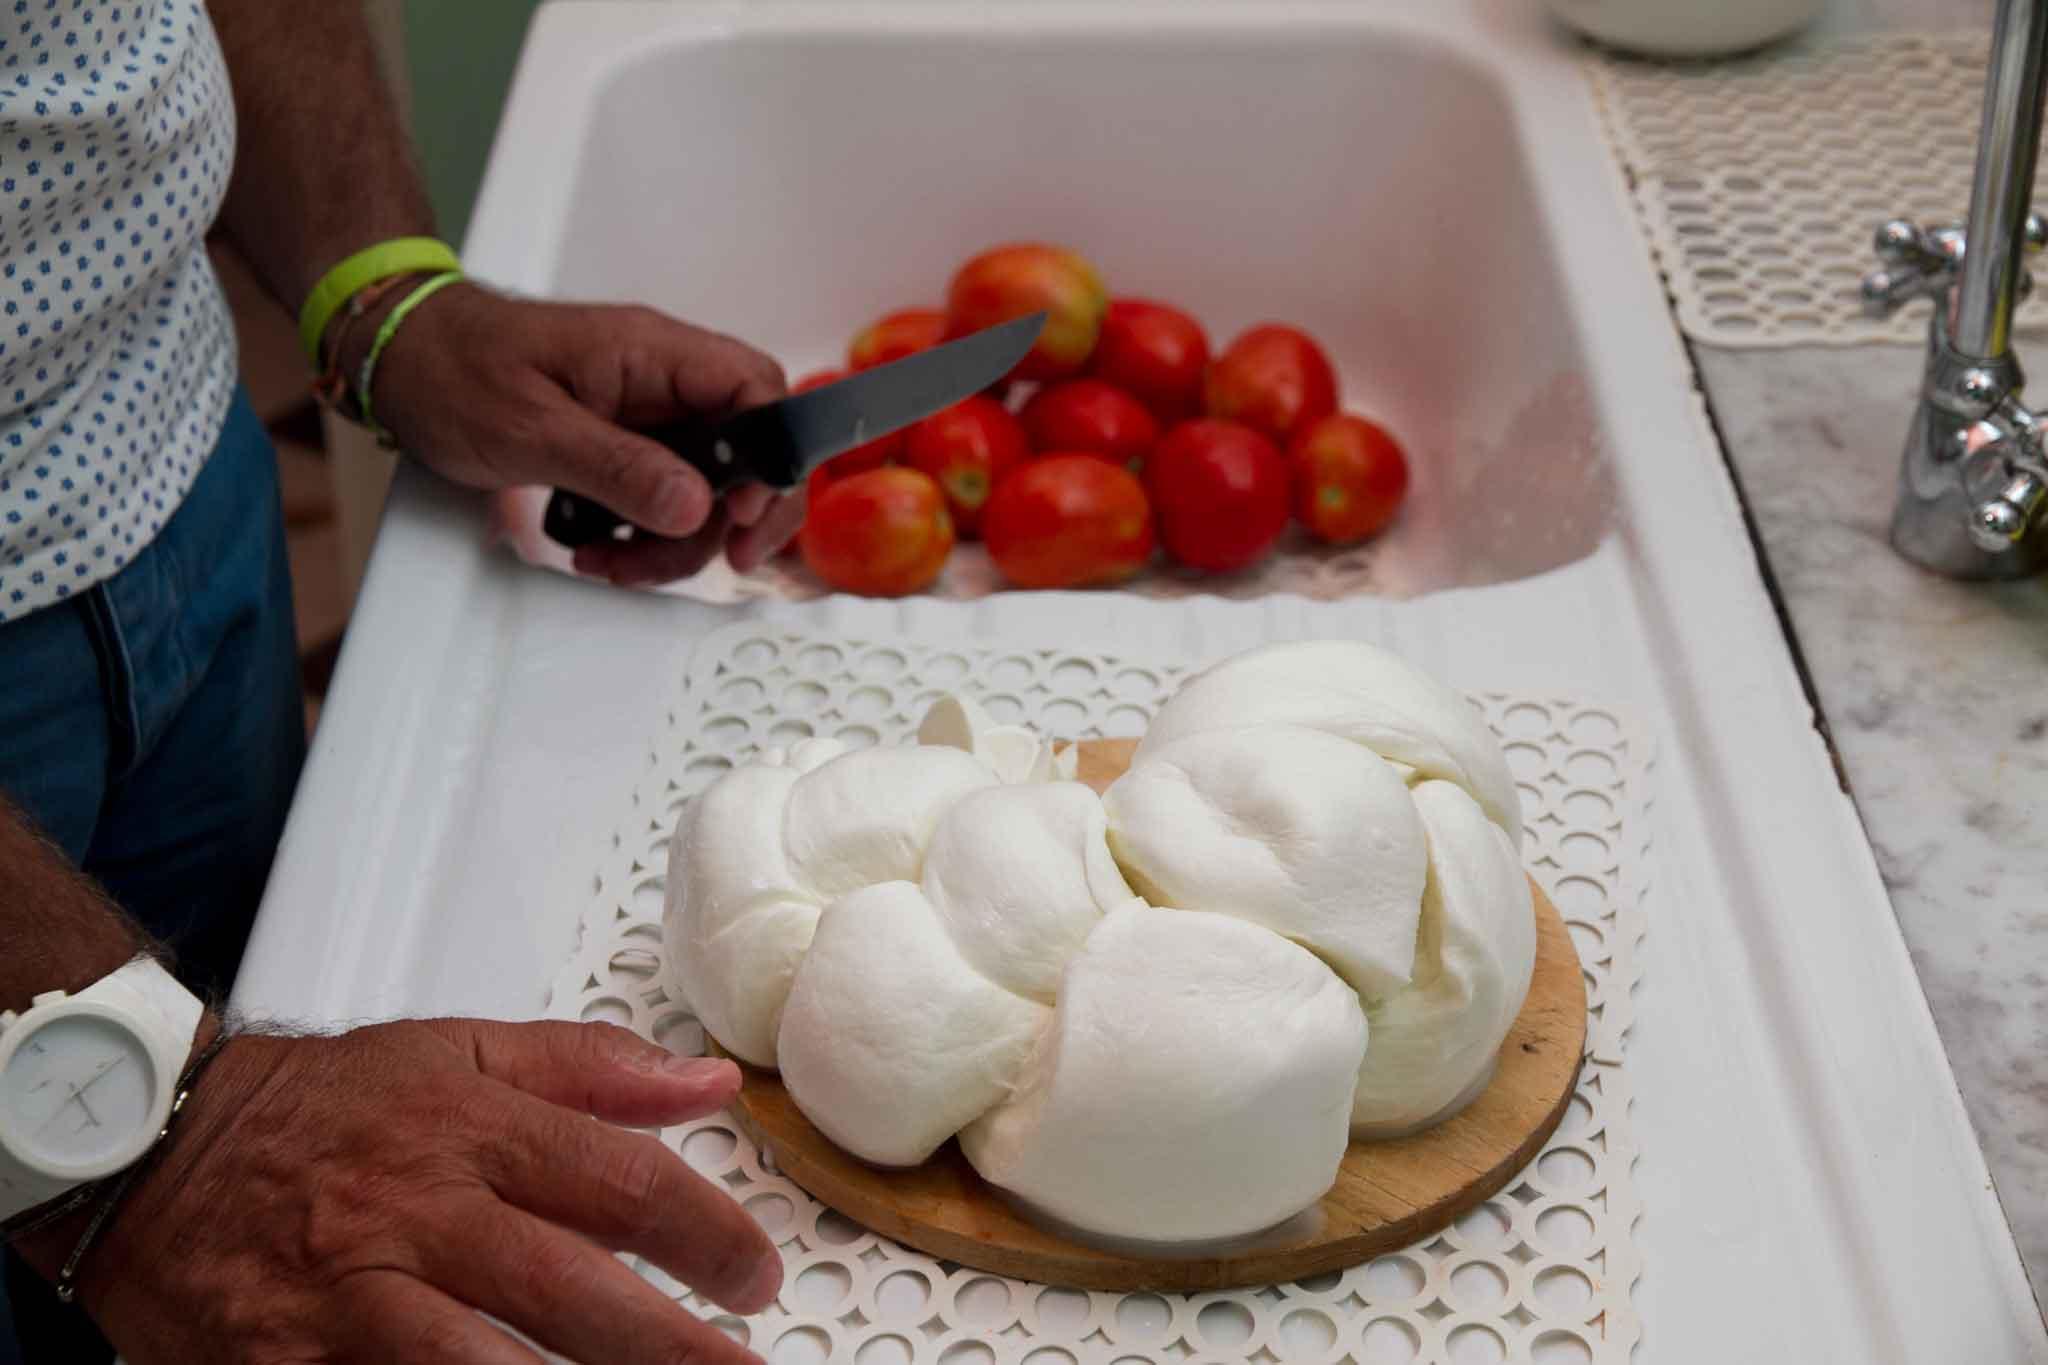 mozzarella bufala La Perla del Mediterraneo pomodori